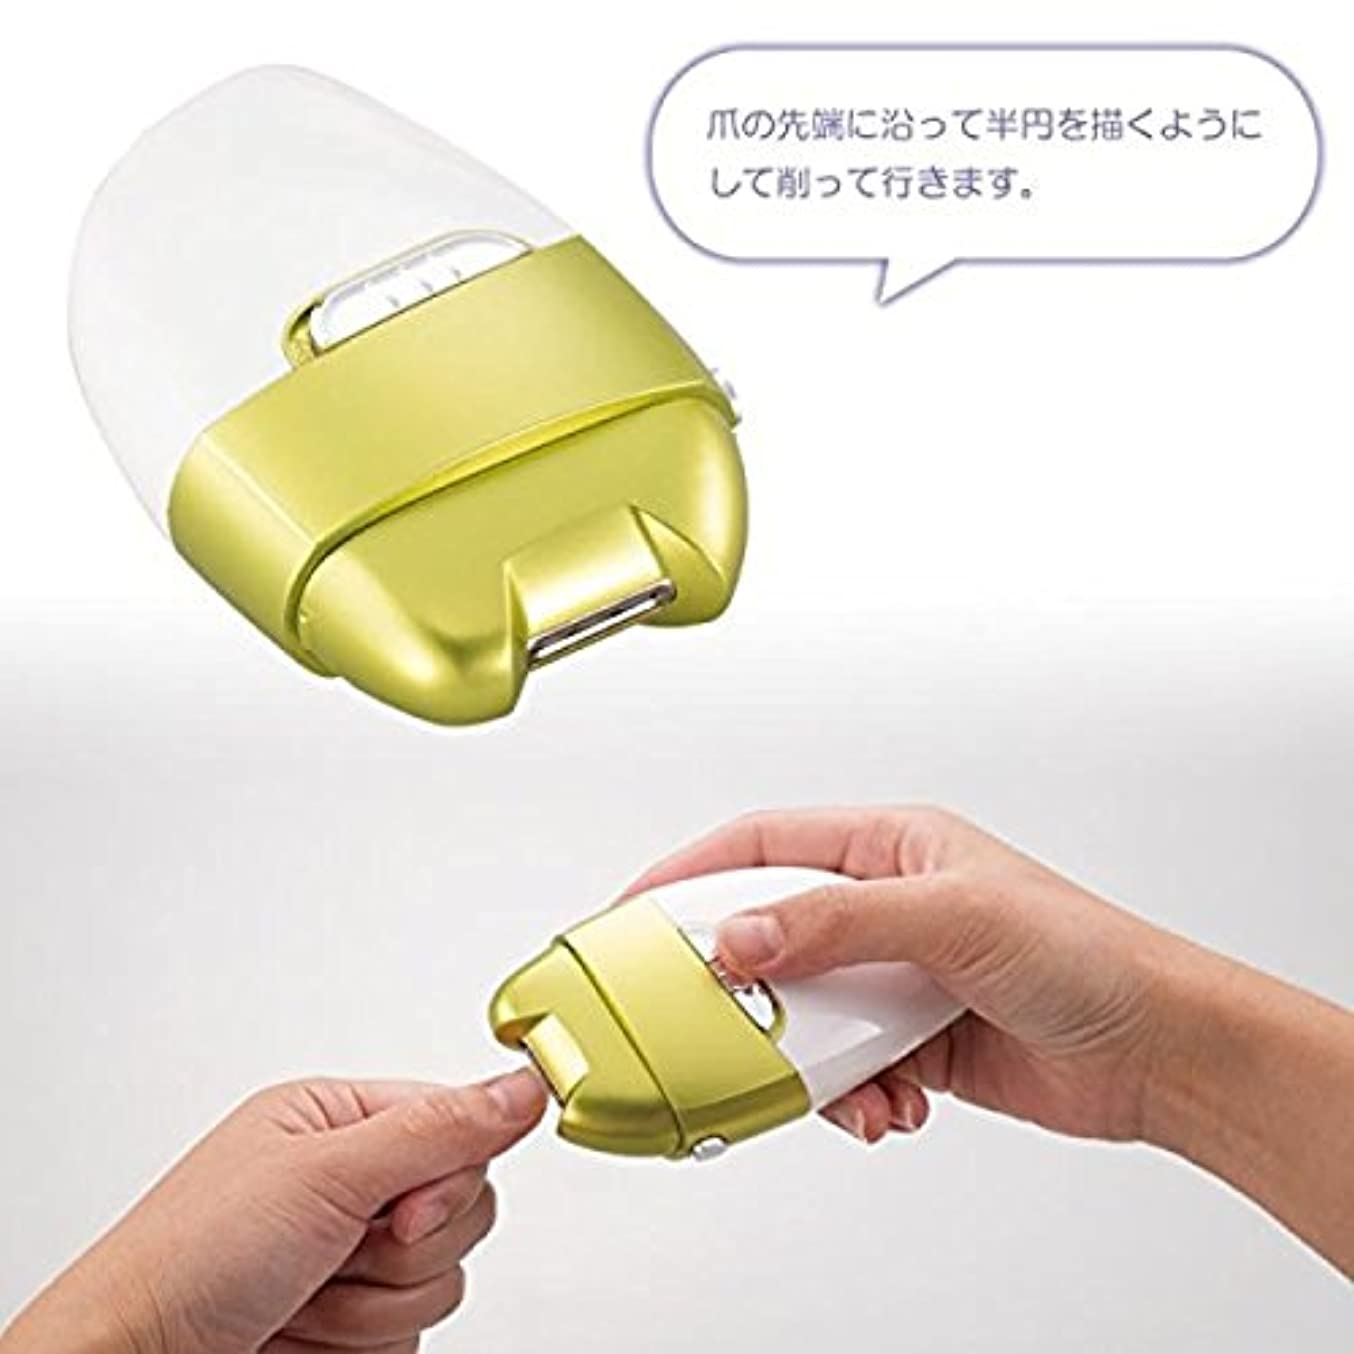 収束周辺放映電動爪削り Leaf dS-1651428